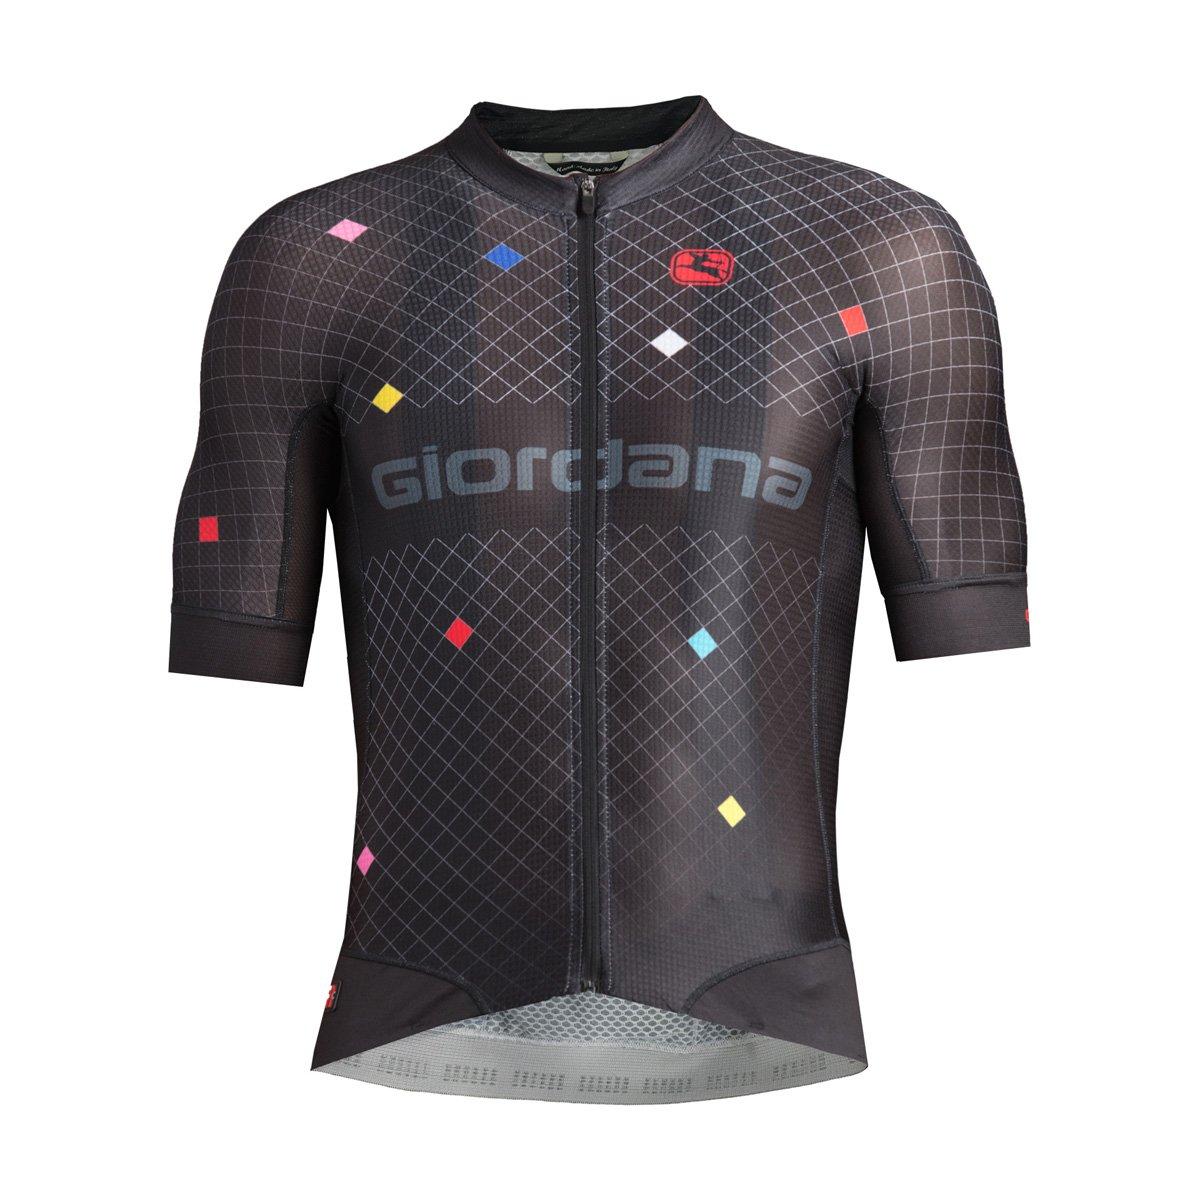 Giordana Moda fr-c Pro半袖Jersey – Men 's B0797SYQZG Small|DIAMANTE-BLACK/MULTI DIAMANTE-BLACK/MULTI Small